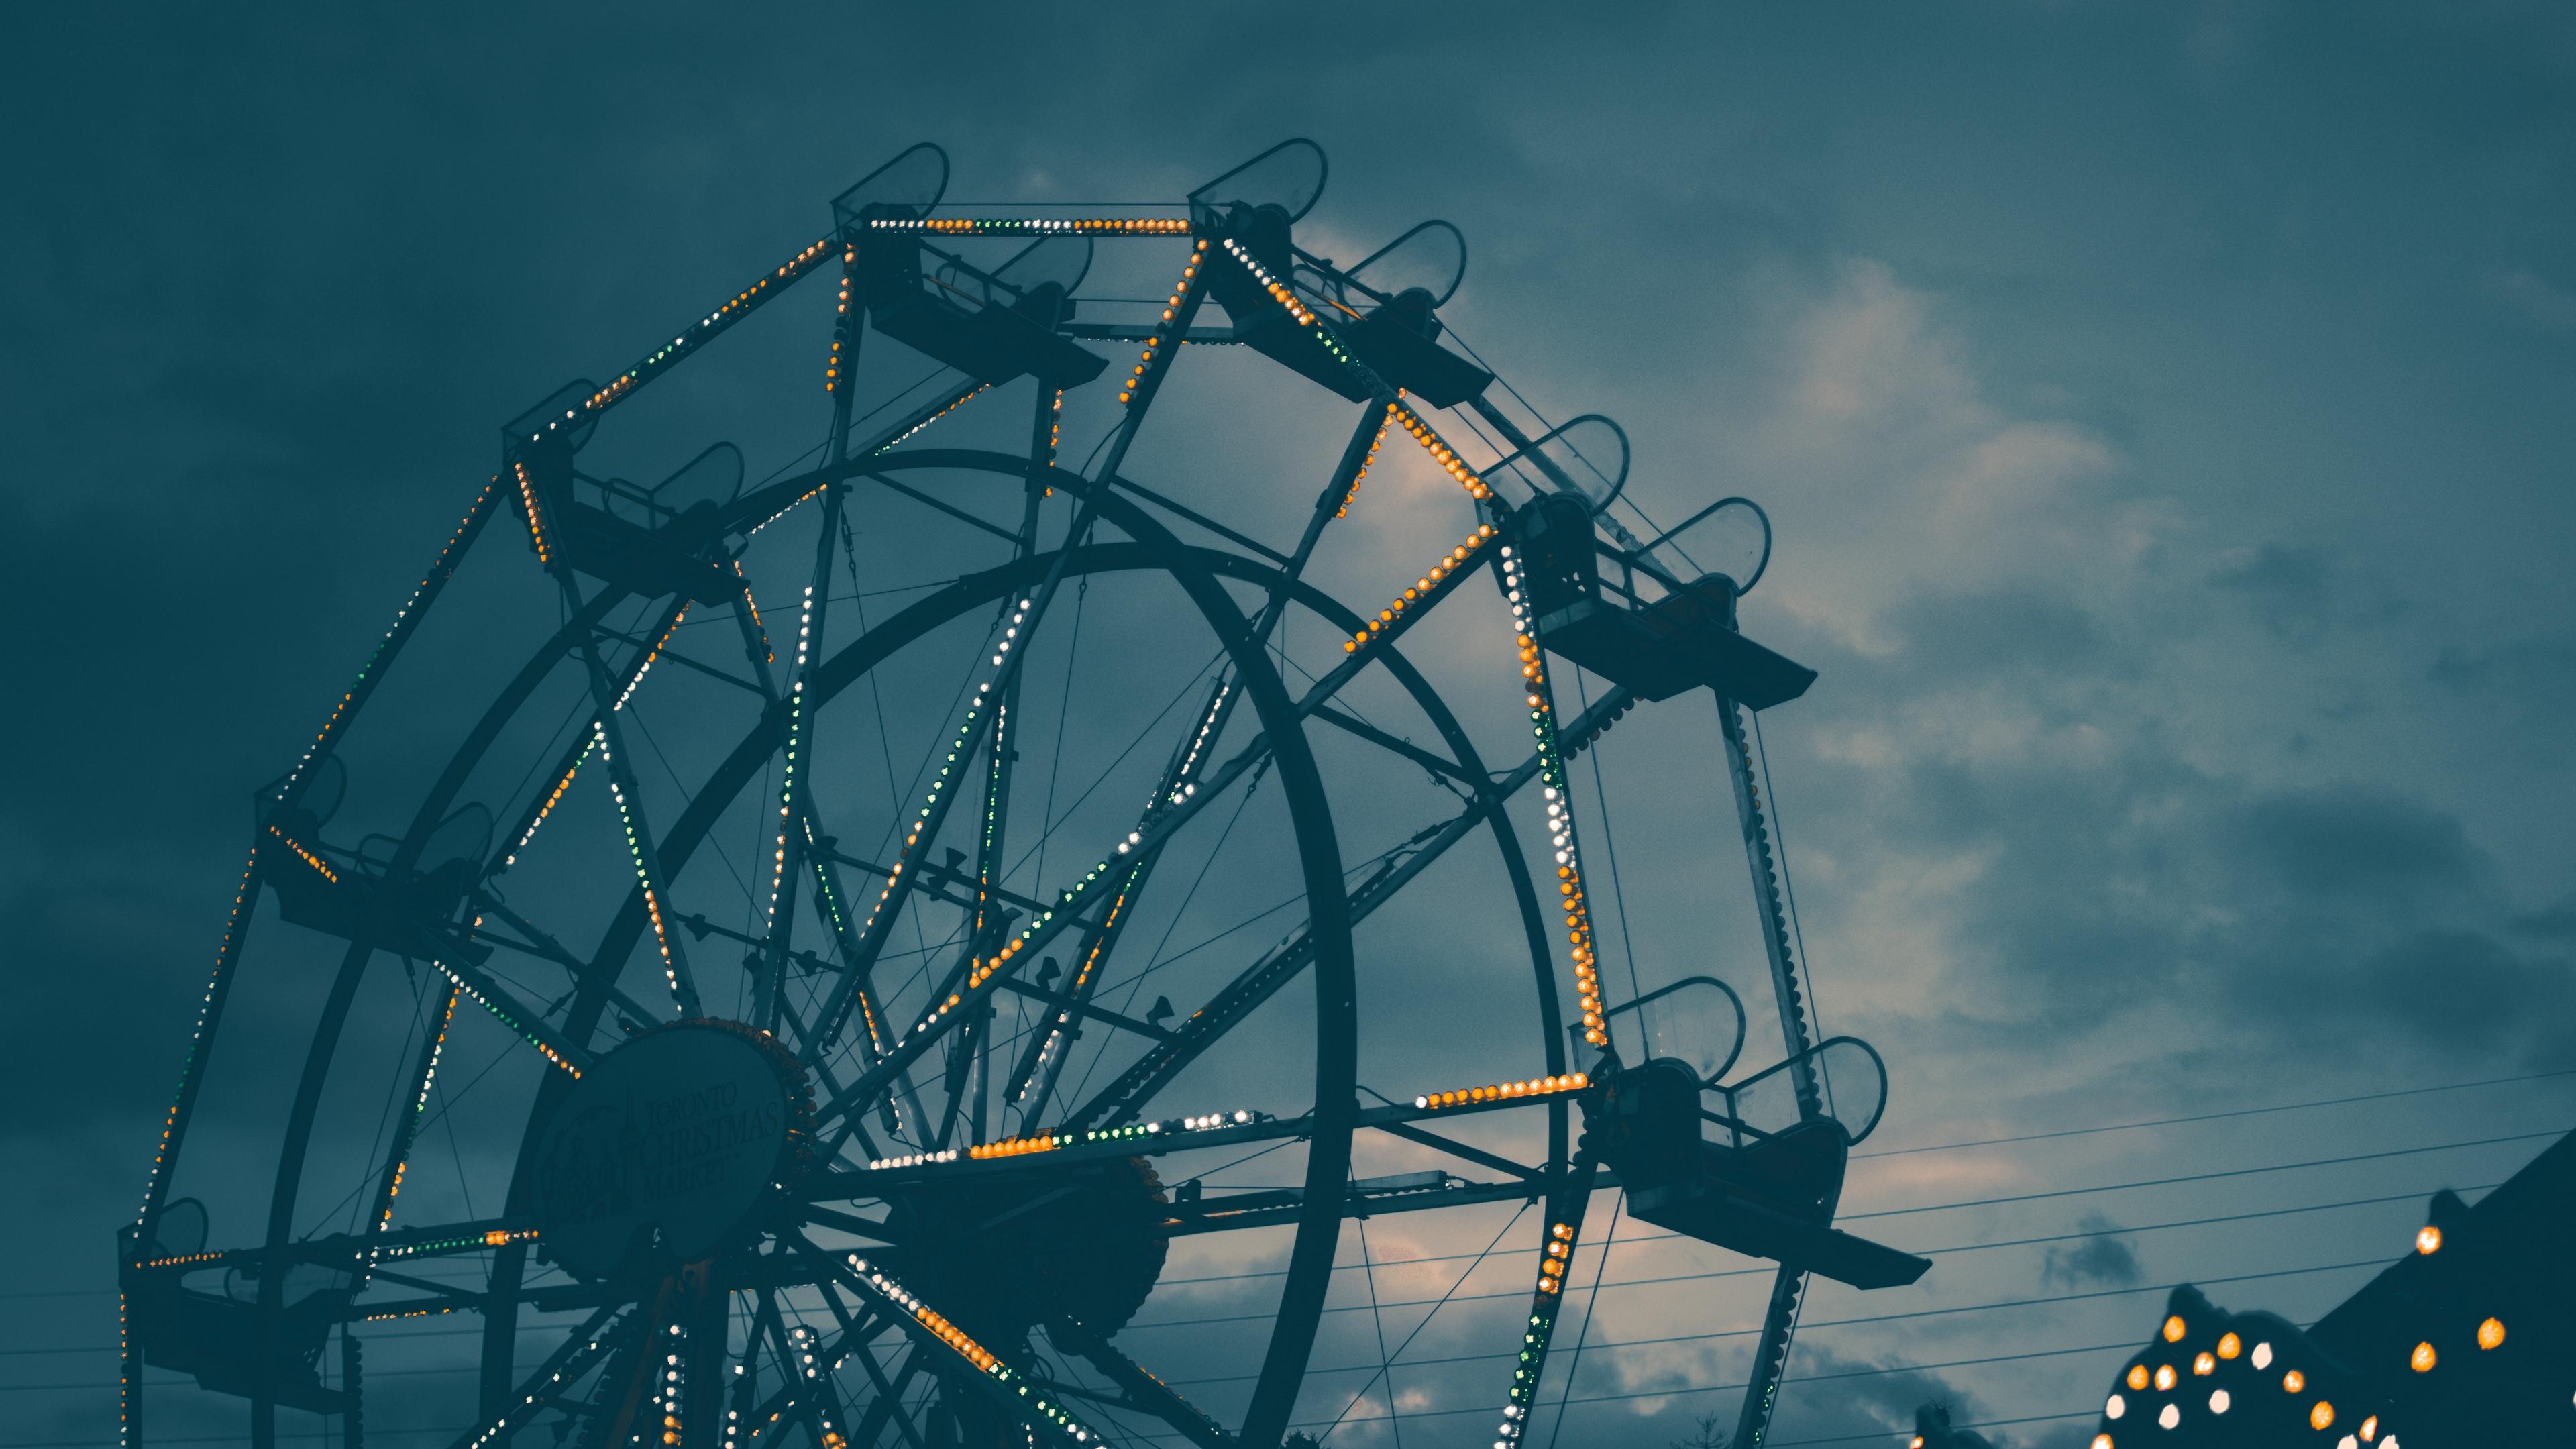 ferris wheel night backlight 4k 1538066093 - ferris wheel, night, backlight 4k - Night, ferris wheel, backlight